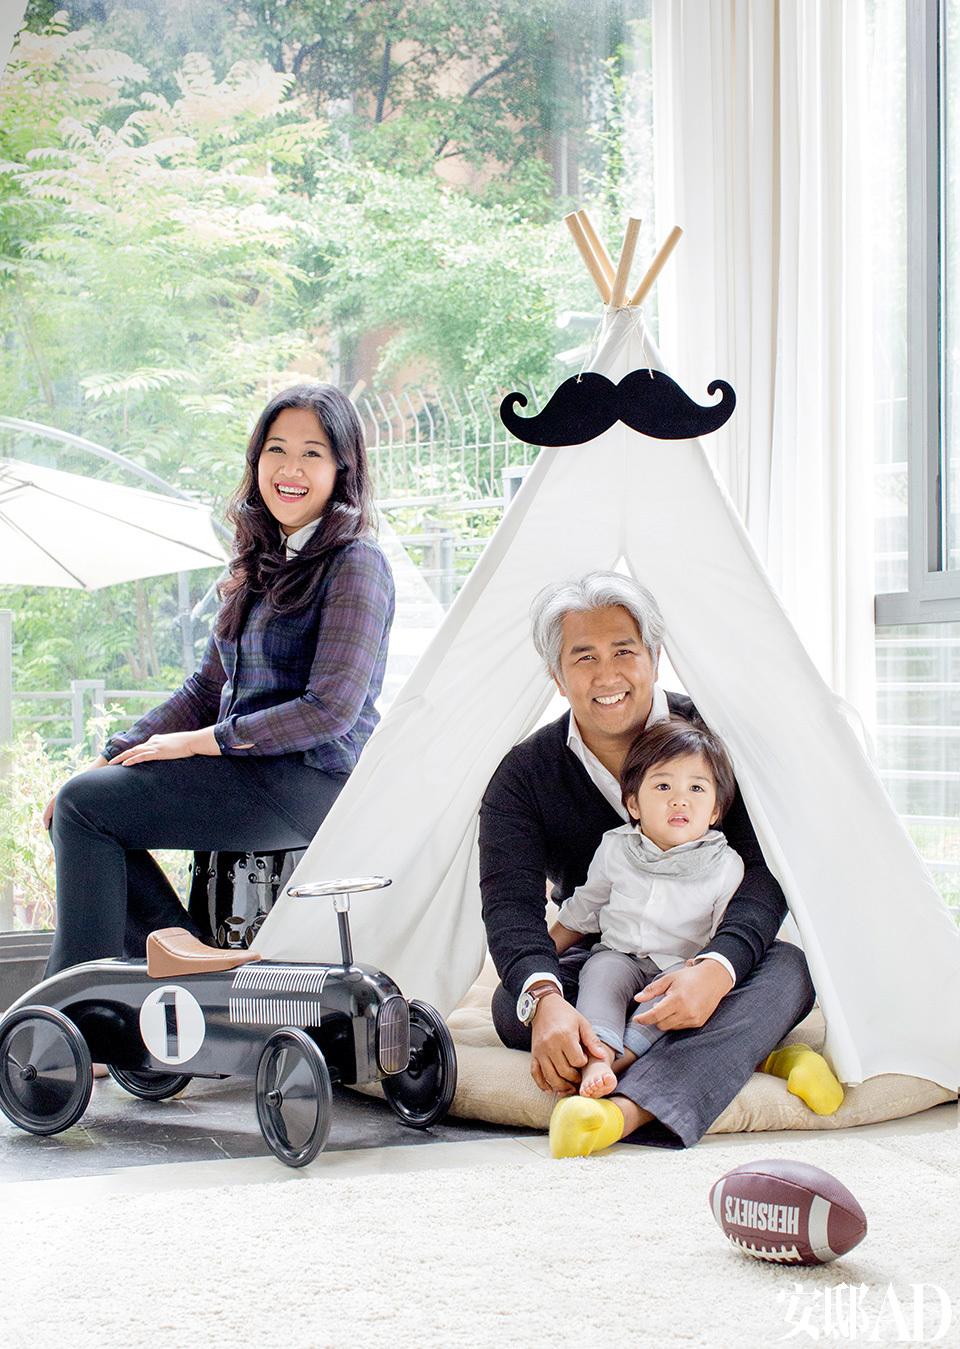 主人:Mel Gani & Nor Yunoss新加坡夫妇,曾共同组建婚礼策划公司。Mel,室内设计师,还涉足家具、家居饰品设计,与位于上海的家具品牌The Canvas密切合作,提供家具、家居和室内设计的解决方案。Nor,曾在建筑业工作,现供职于西服定制公司。男孩Mishka,今年3岁,是两人爱的结晶。